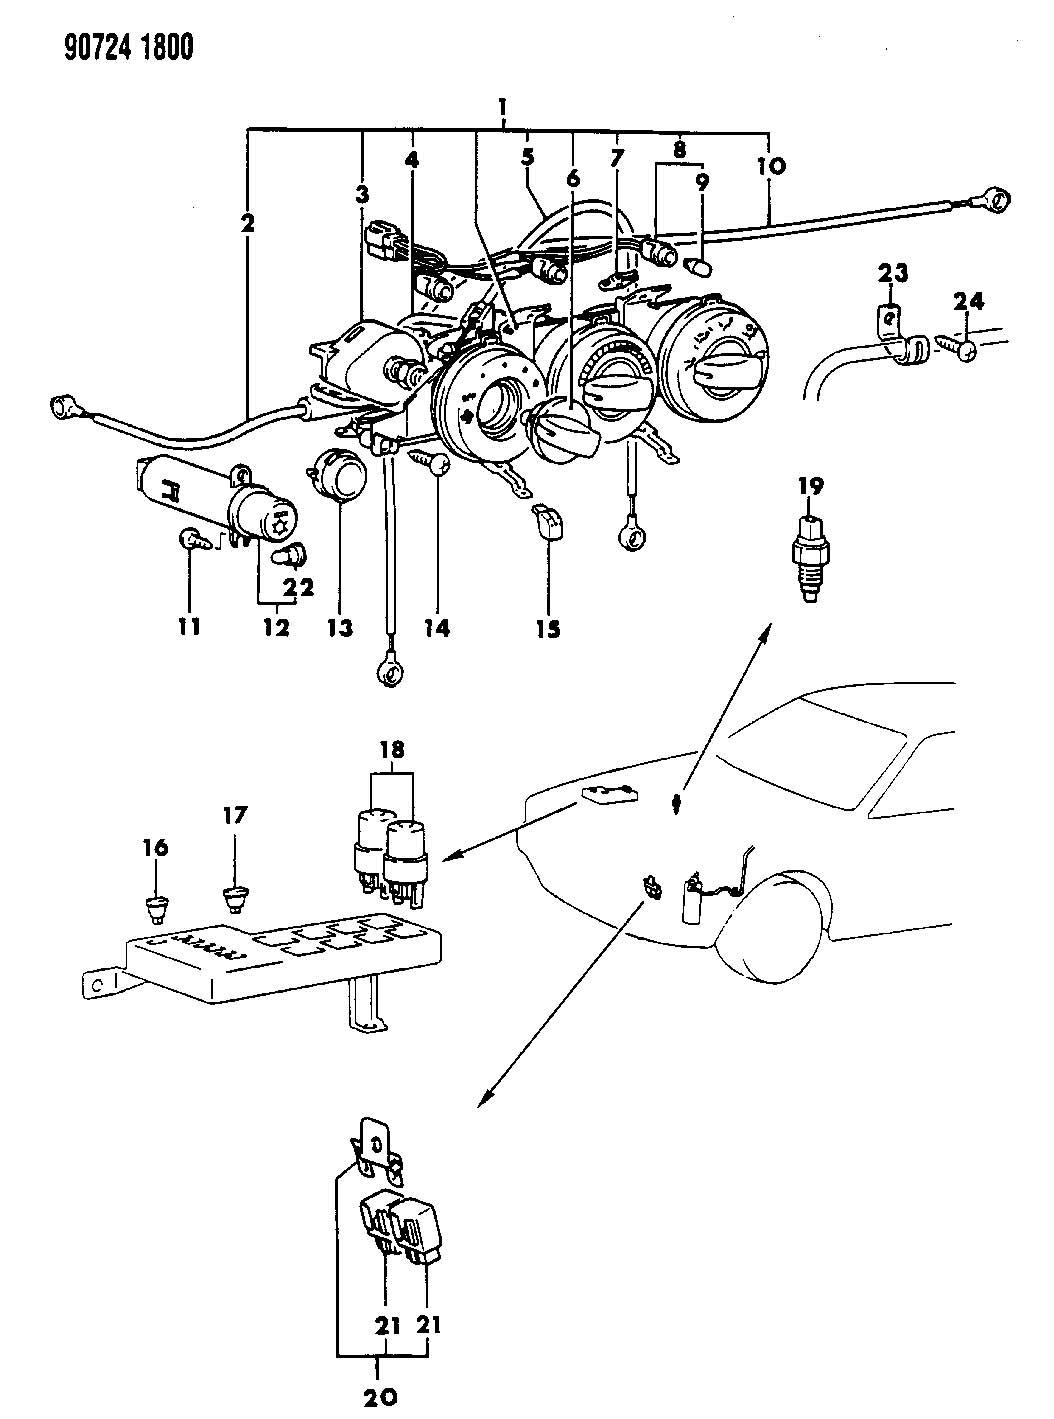 6 bulb lamp wiring diagram